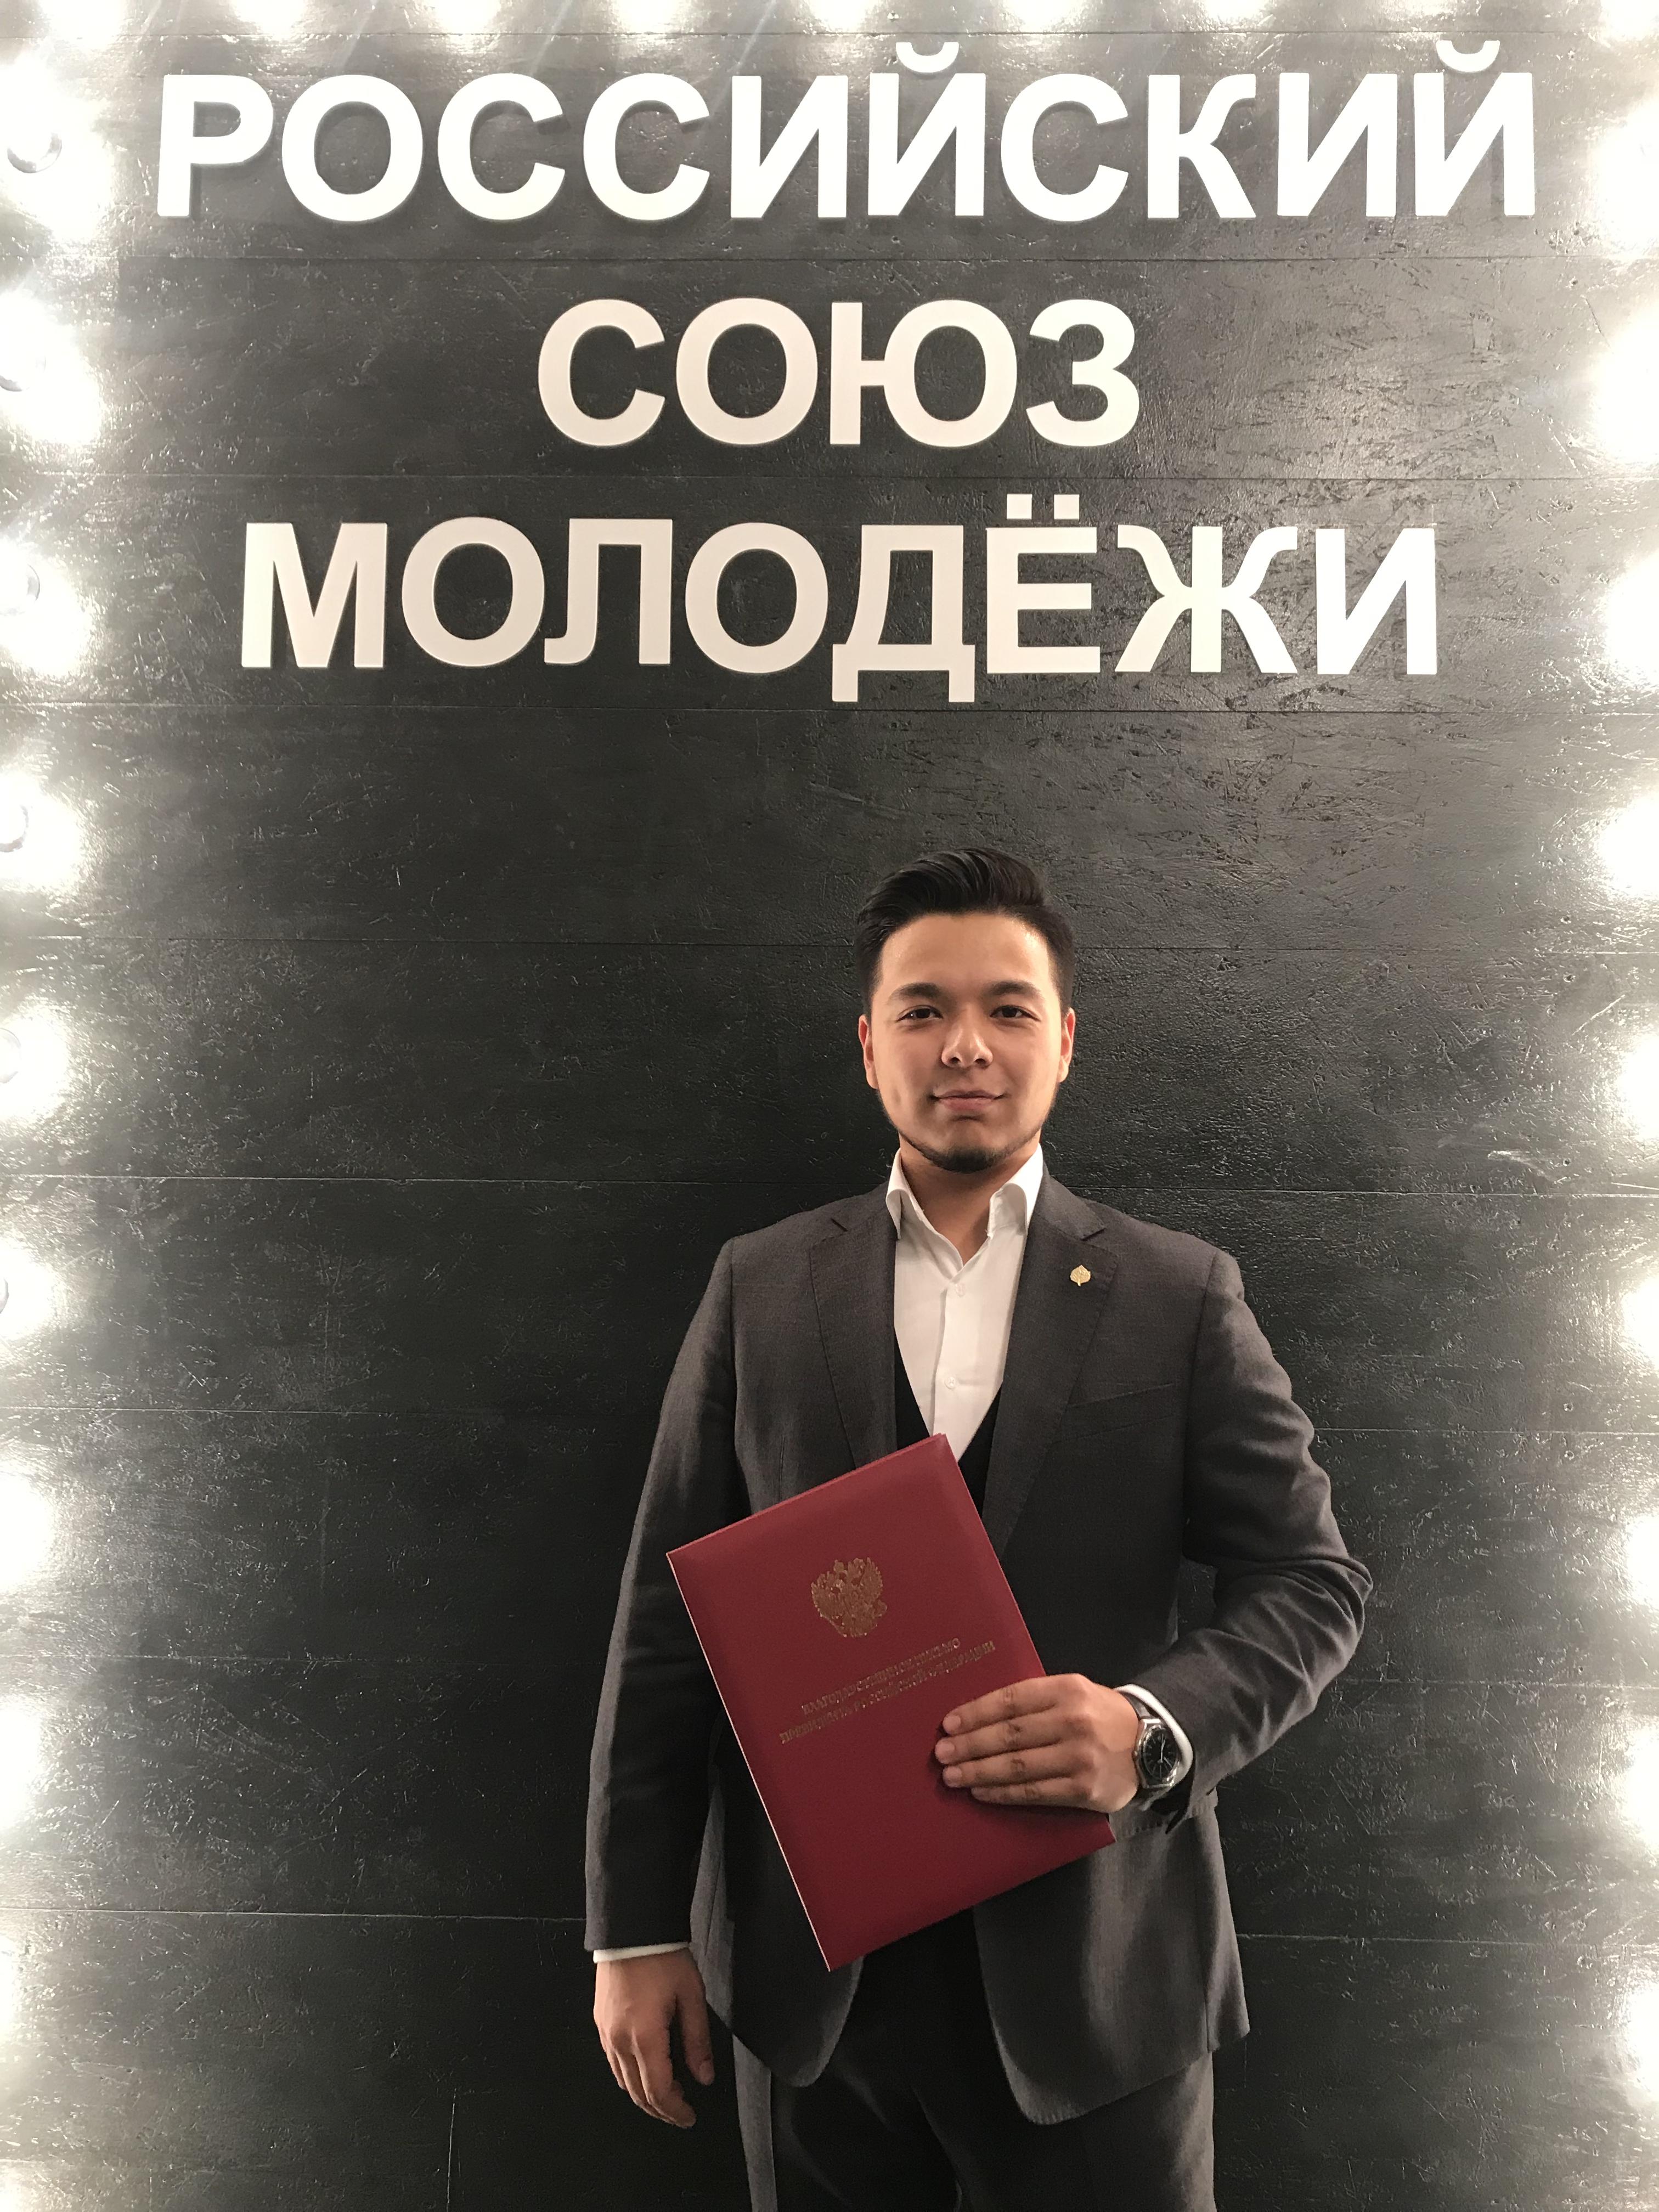 Председатель студсовета РАНХиГС Амир Сараков награжден благодарственным письмом Президента России